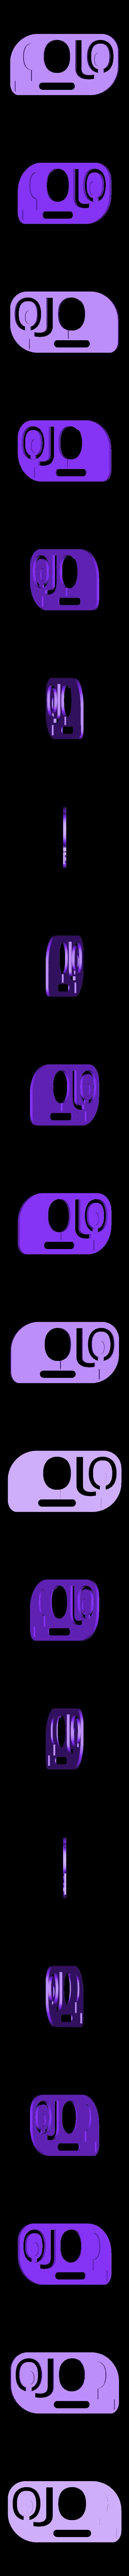 OJO_inverso.stl Télécharger fichier STL gratuit Housse de caméra portable • Plan pour imprimante 3D, jlams1958